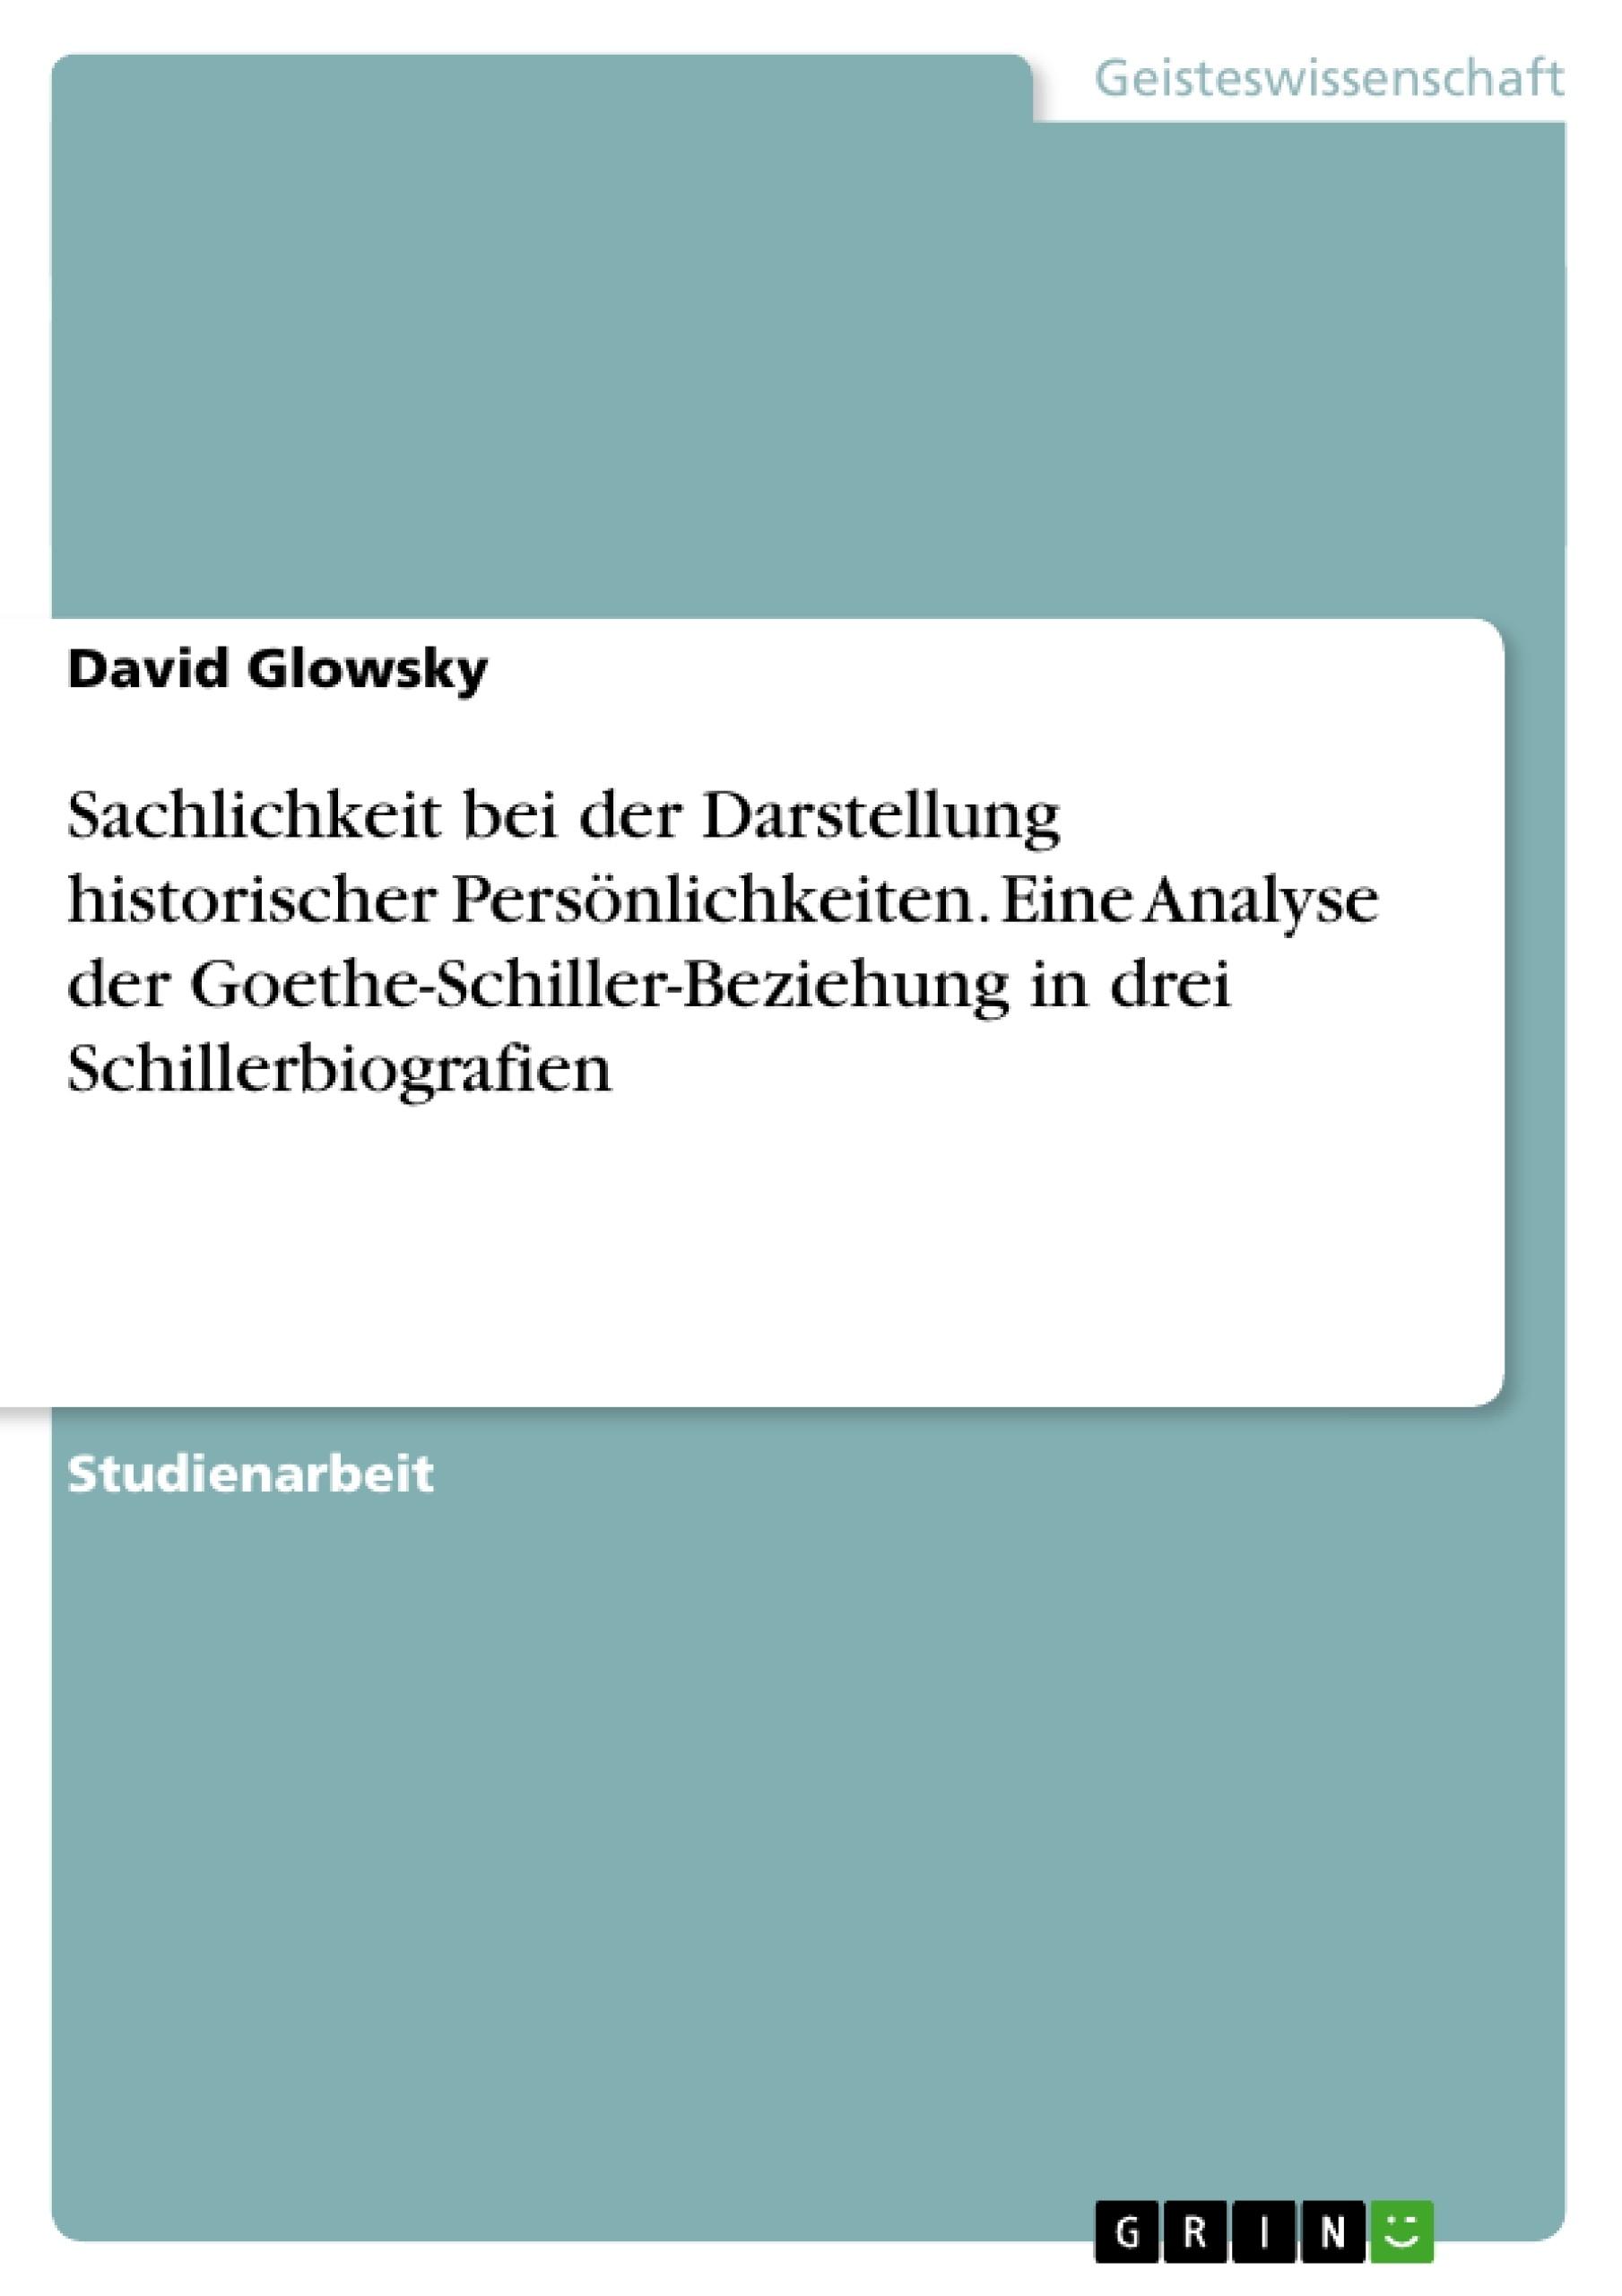 Titel: Sachlichkeit bei der Darstellung historischer Persönlichkeiten. Eine Analyse der Goethe-Schiller-Beziehung in drei Schillerbiografien